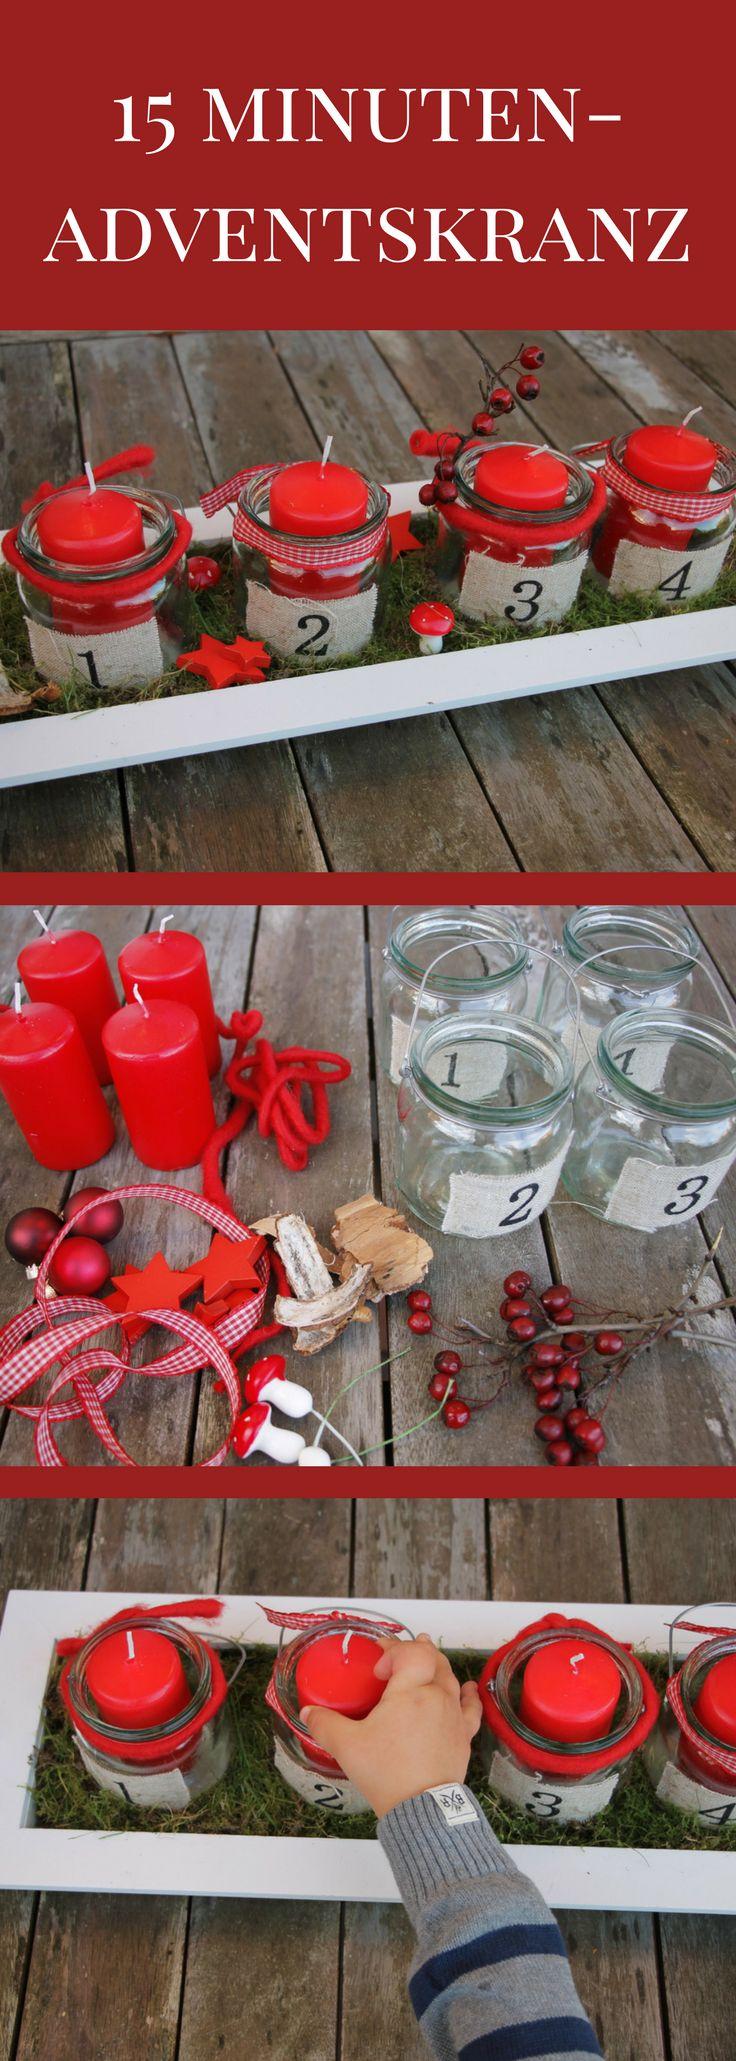 Adventskranz selber machen: Nicht jeder hat Zeit zum Adventskranz basteln. Wem dennoch ein selbstgebastelter Adventskranz wichtig ist, für den ist ein schneller Adventskranz ideal. Für diesen Adventskranz mit Moos braucht man keine 15 Minuten. Der Adventskranz mit roten Kerzen kann frei dekoriert werden und eignet sich auch als Weihnachtsgesteck.